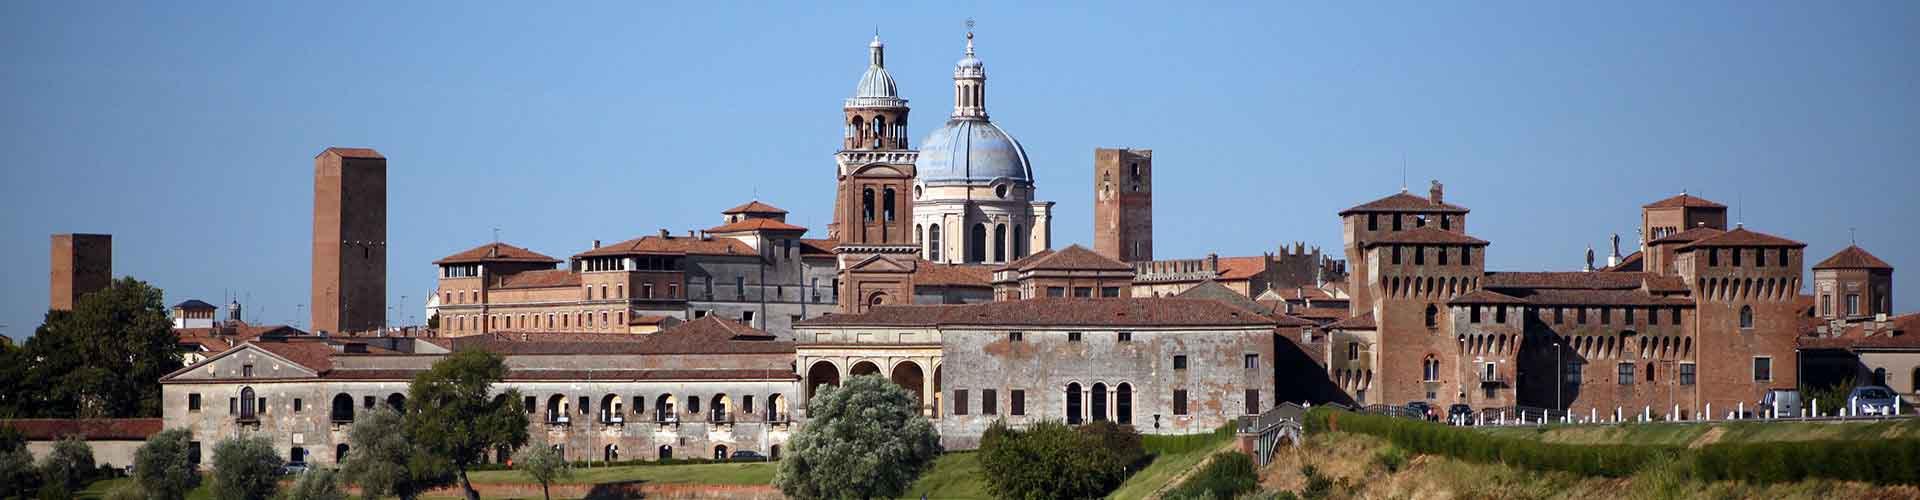 Mantova - Hostales en Mantova. Mapas de Mantova, Fotos y comentarios de cada Hostal en Mantova.